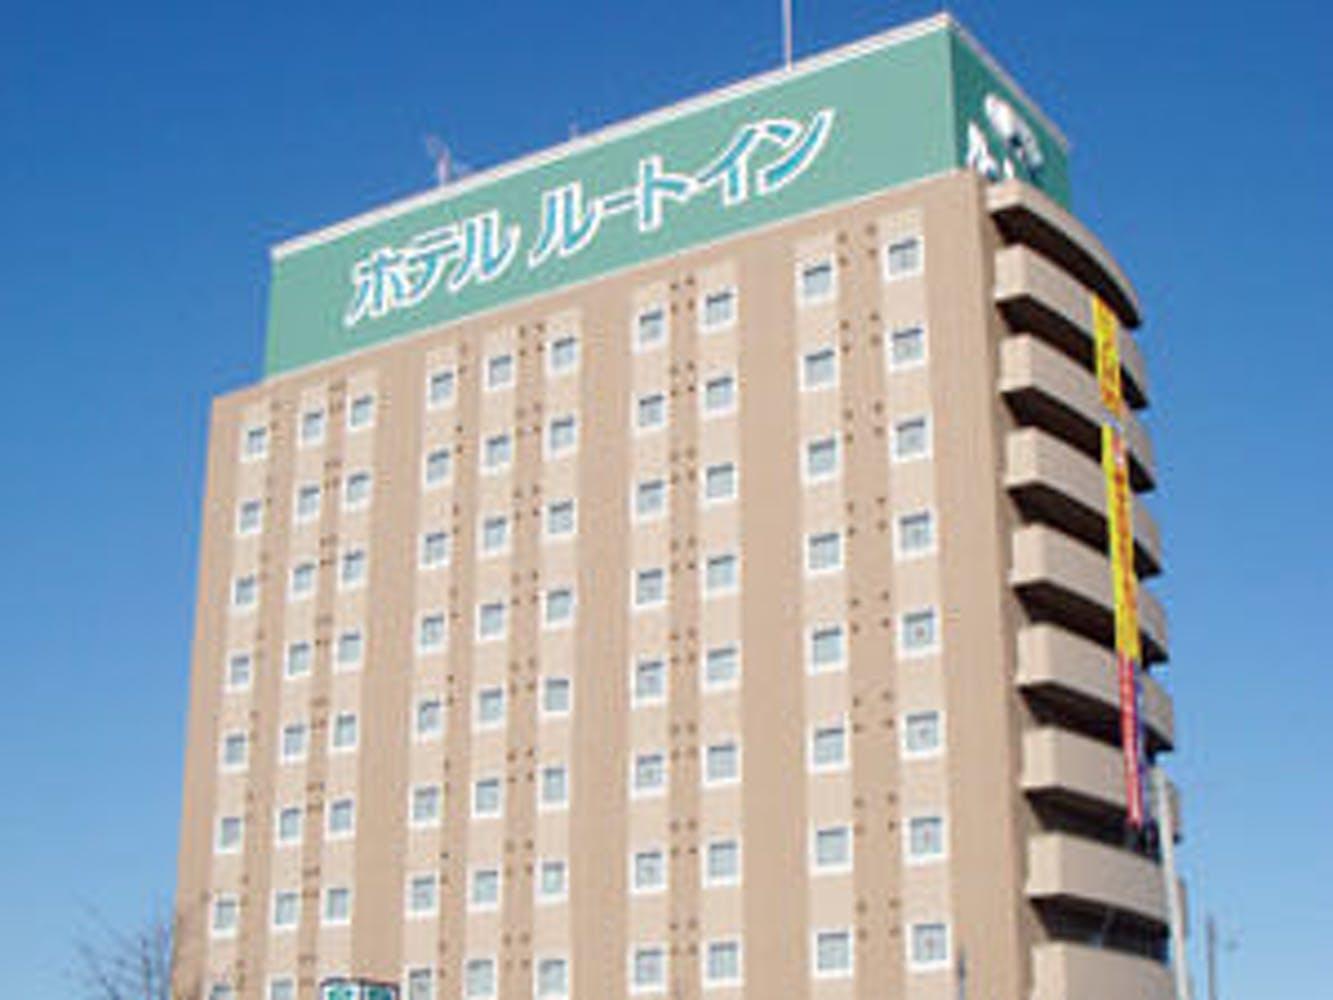 ホテルルートイン水海道駅前 写真1